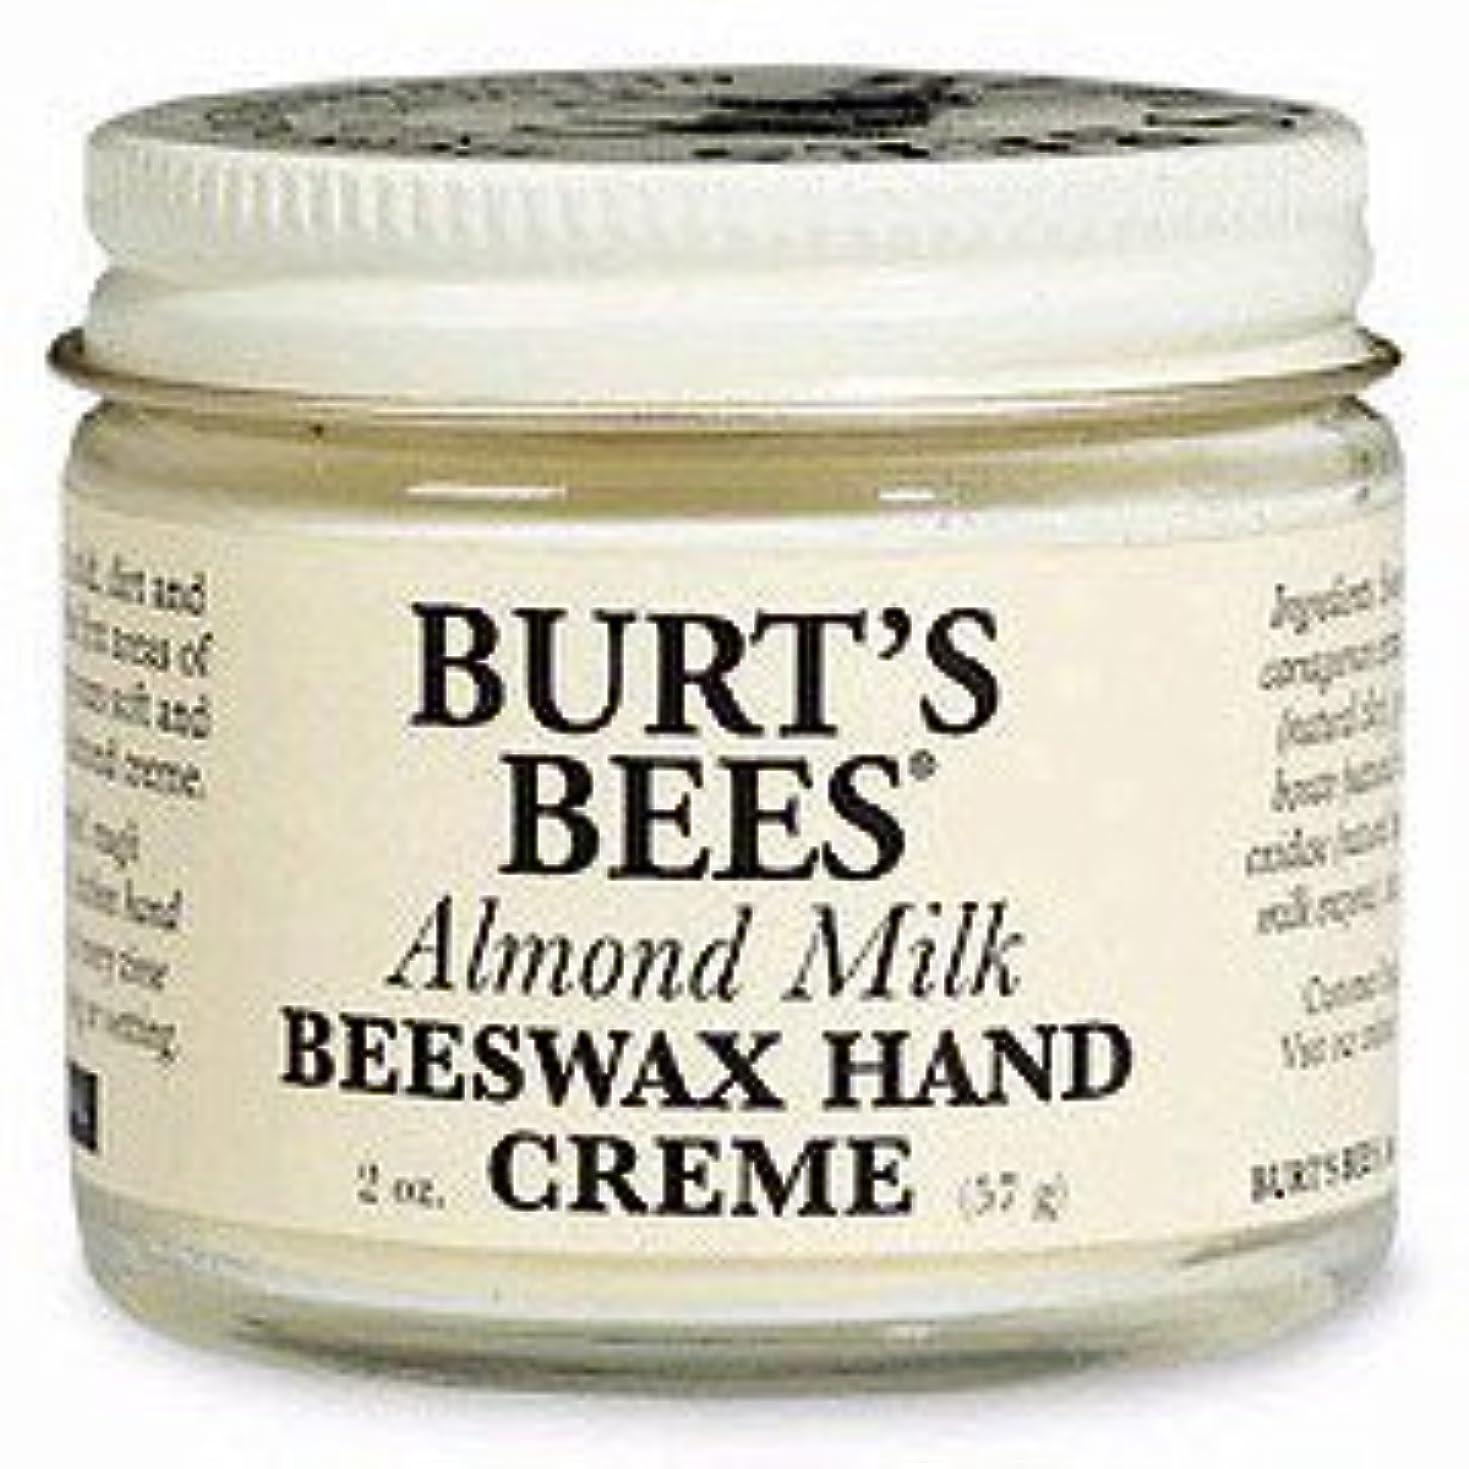 リマーク執着深いバーツビーズ(Burt's Bees) アーモンドミルク?ビーズワックス?ハンドクリーム 57g [海外直送品][並行輸入品]